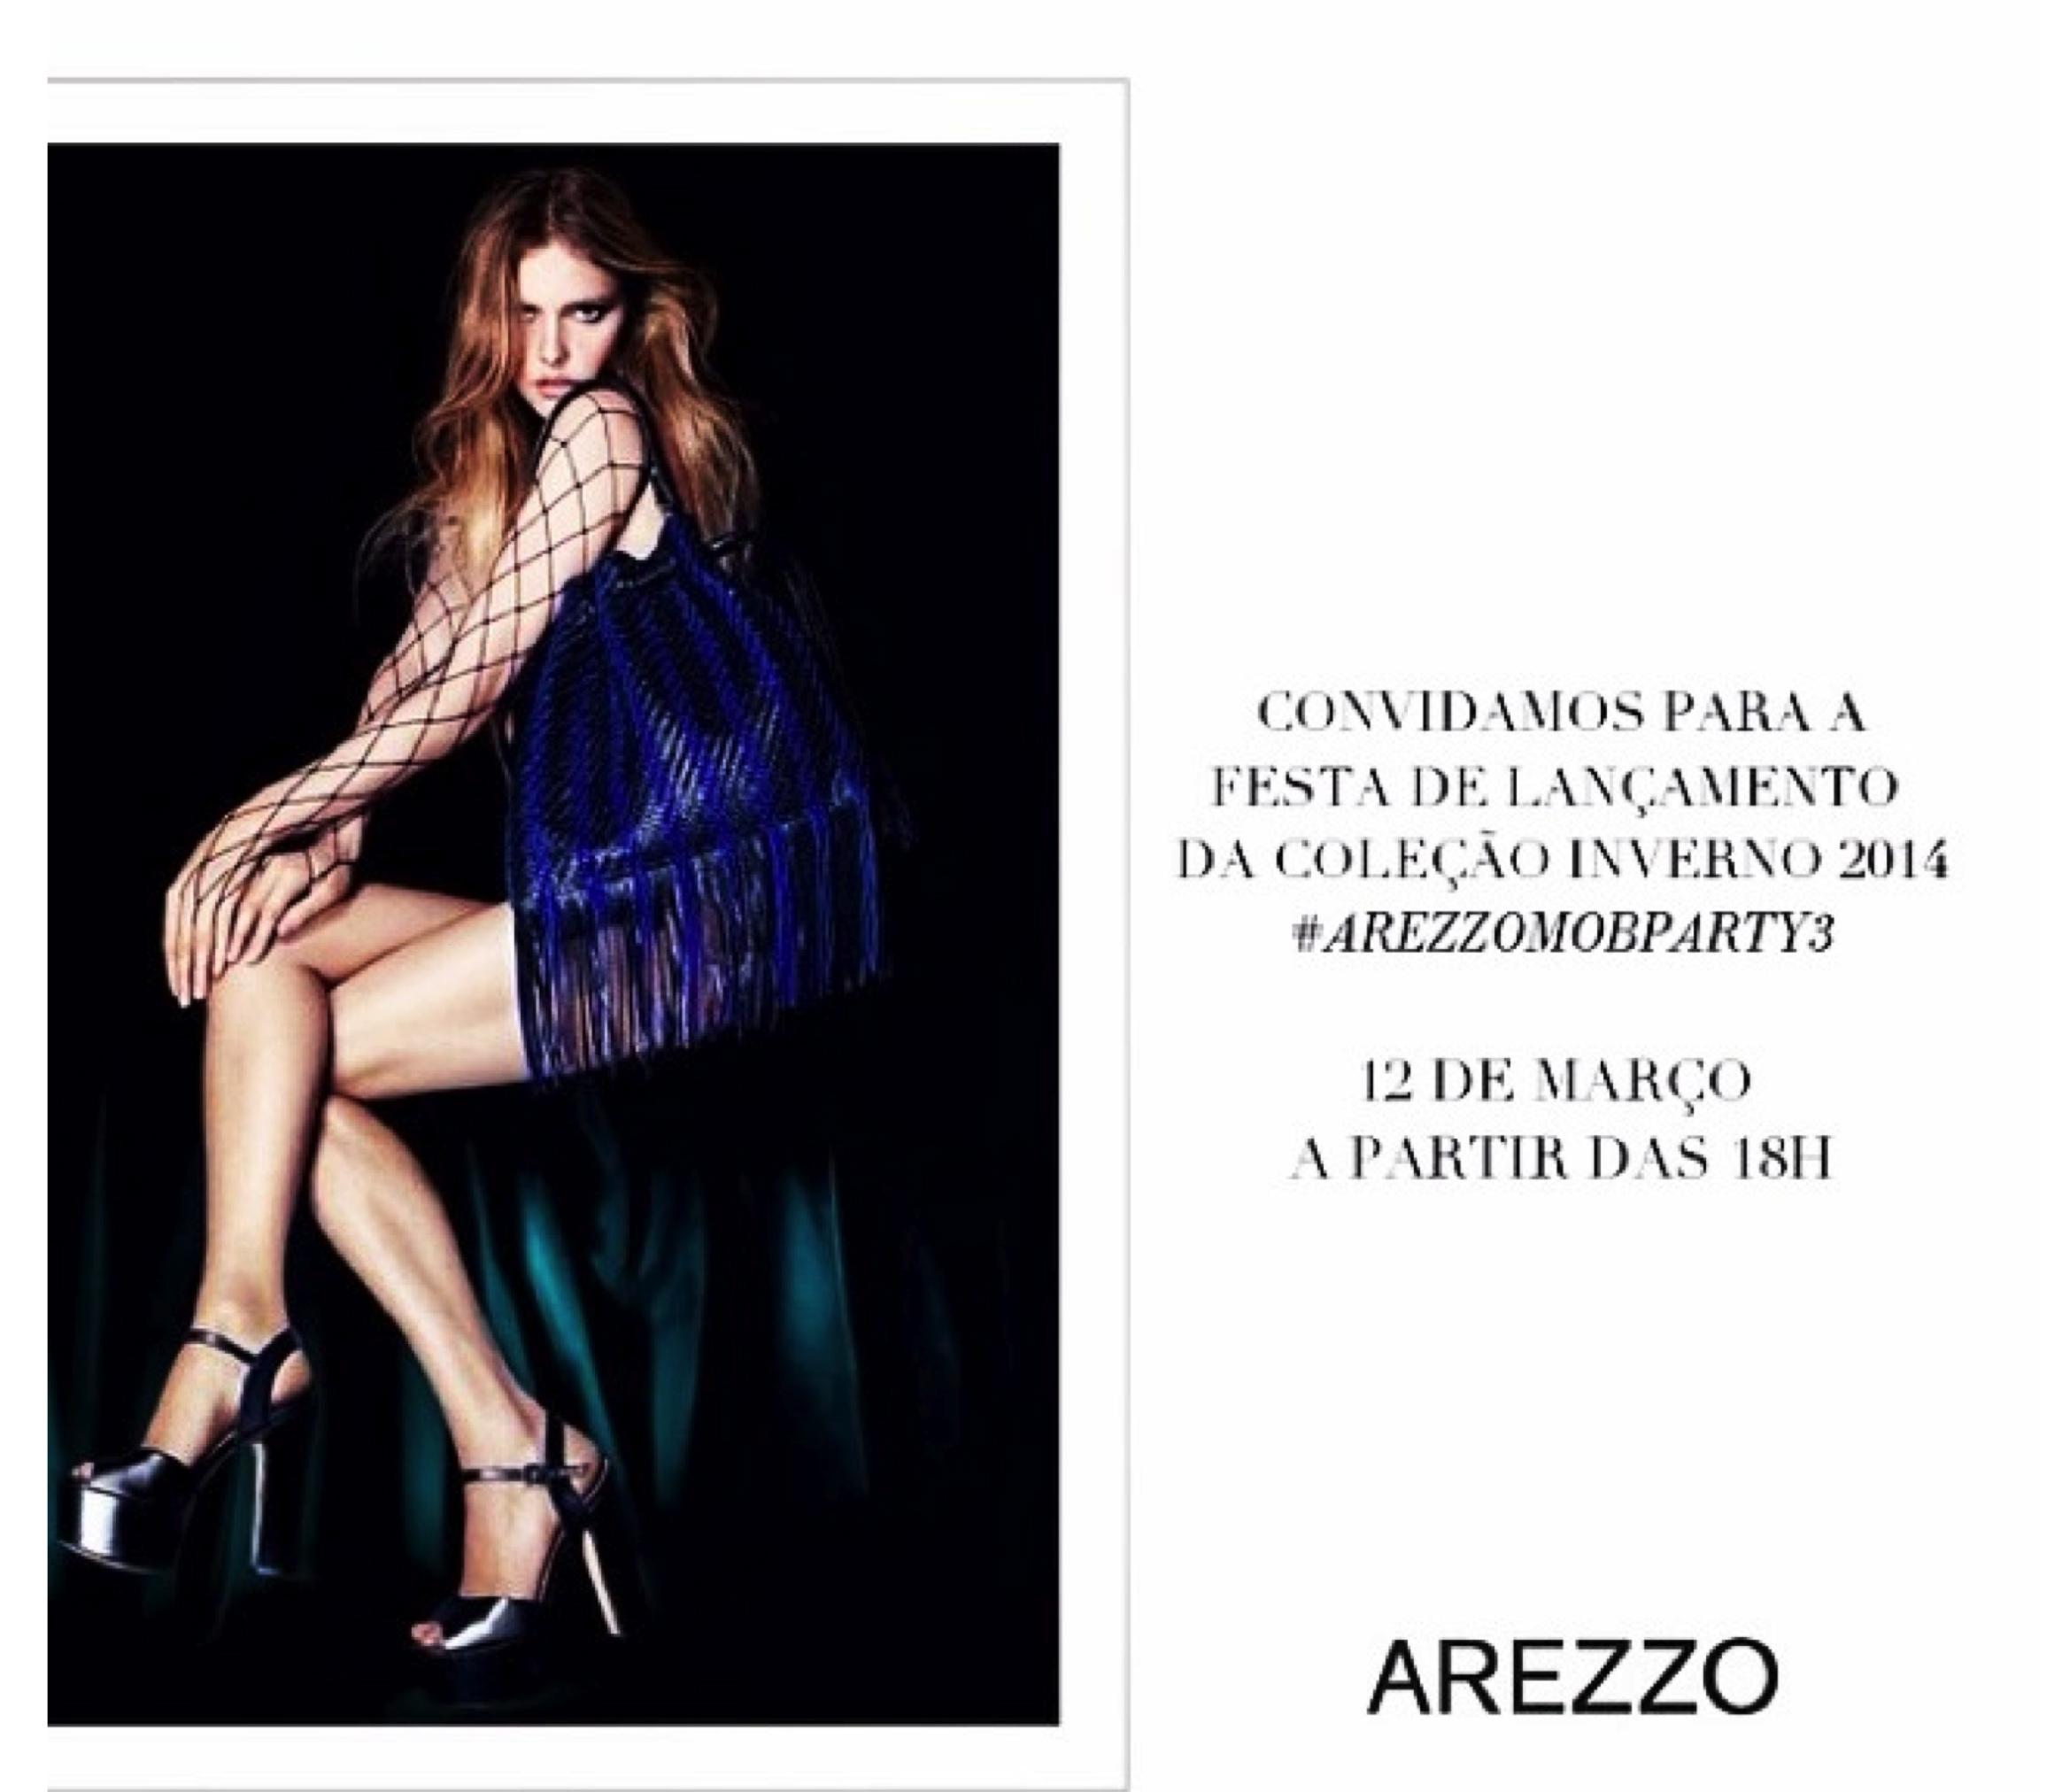 blog-love-shoes-look-mob-party-arezzo-ipanema-coleção-inverno02